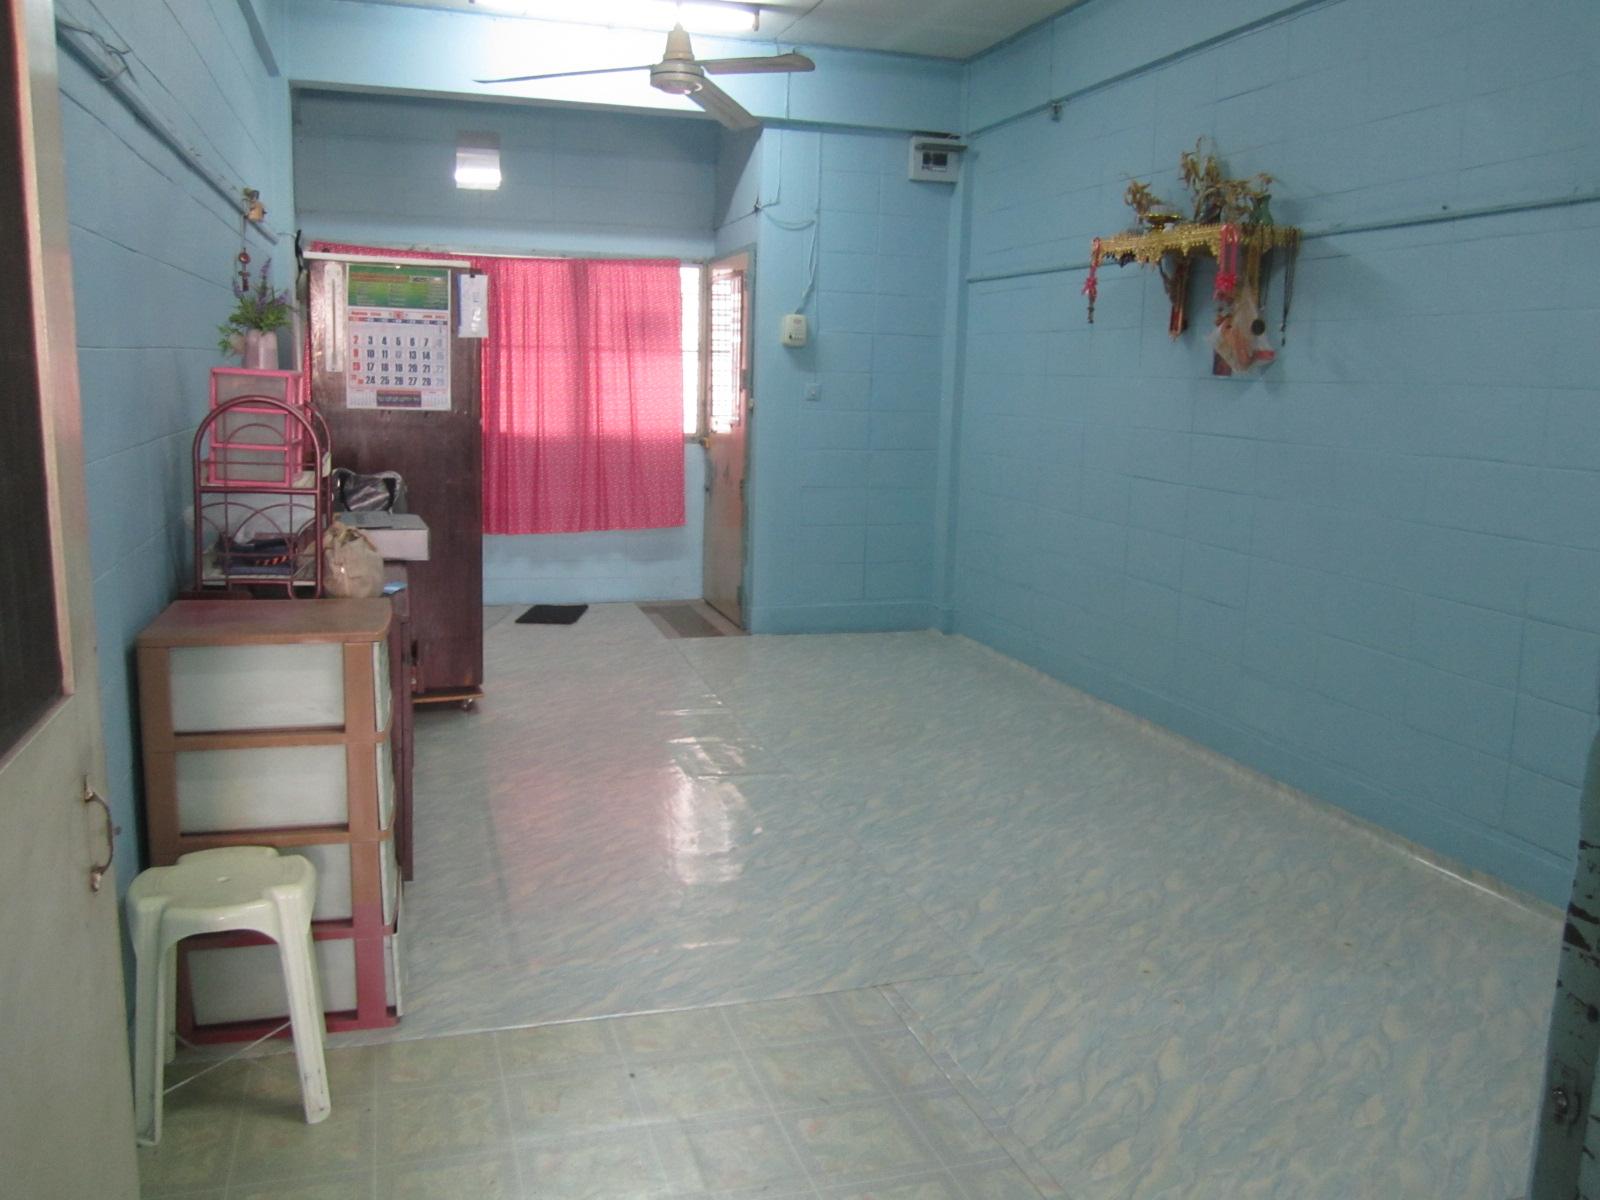 http://www.homeeasybuy.com/member_file/4541/IMG_0031.JPG